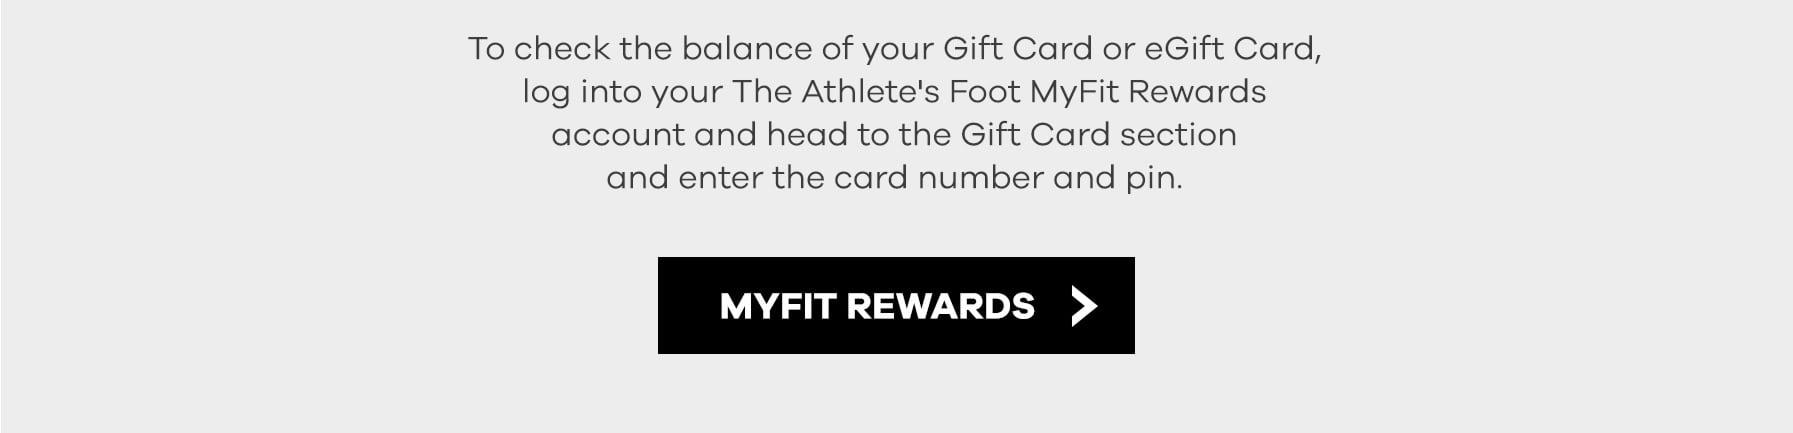 MyFit Rewards